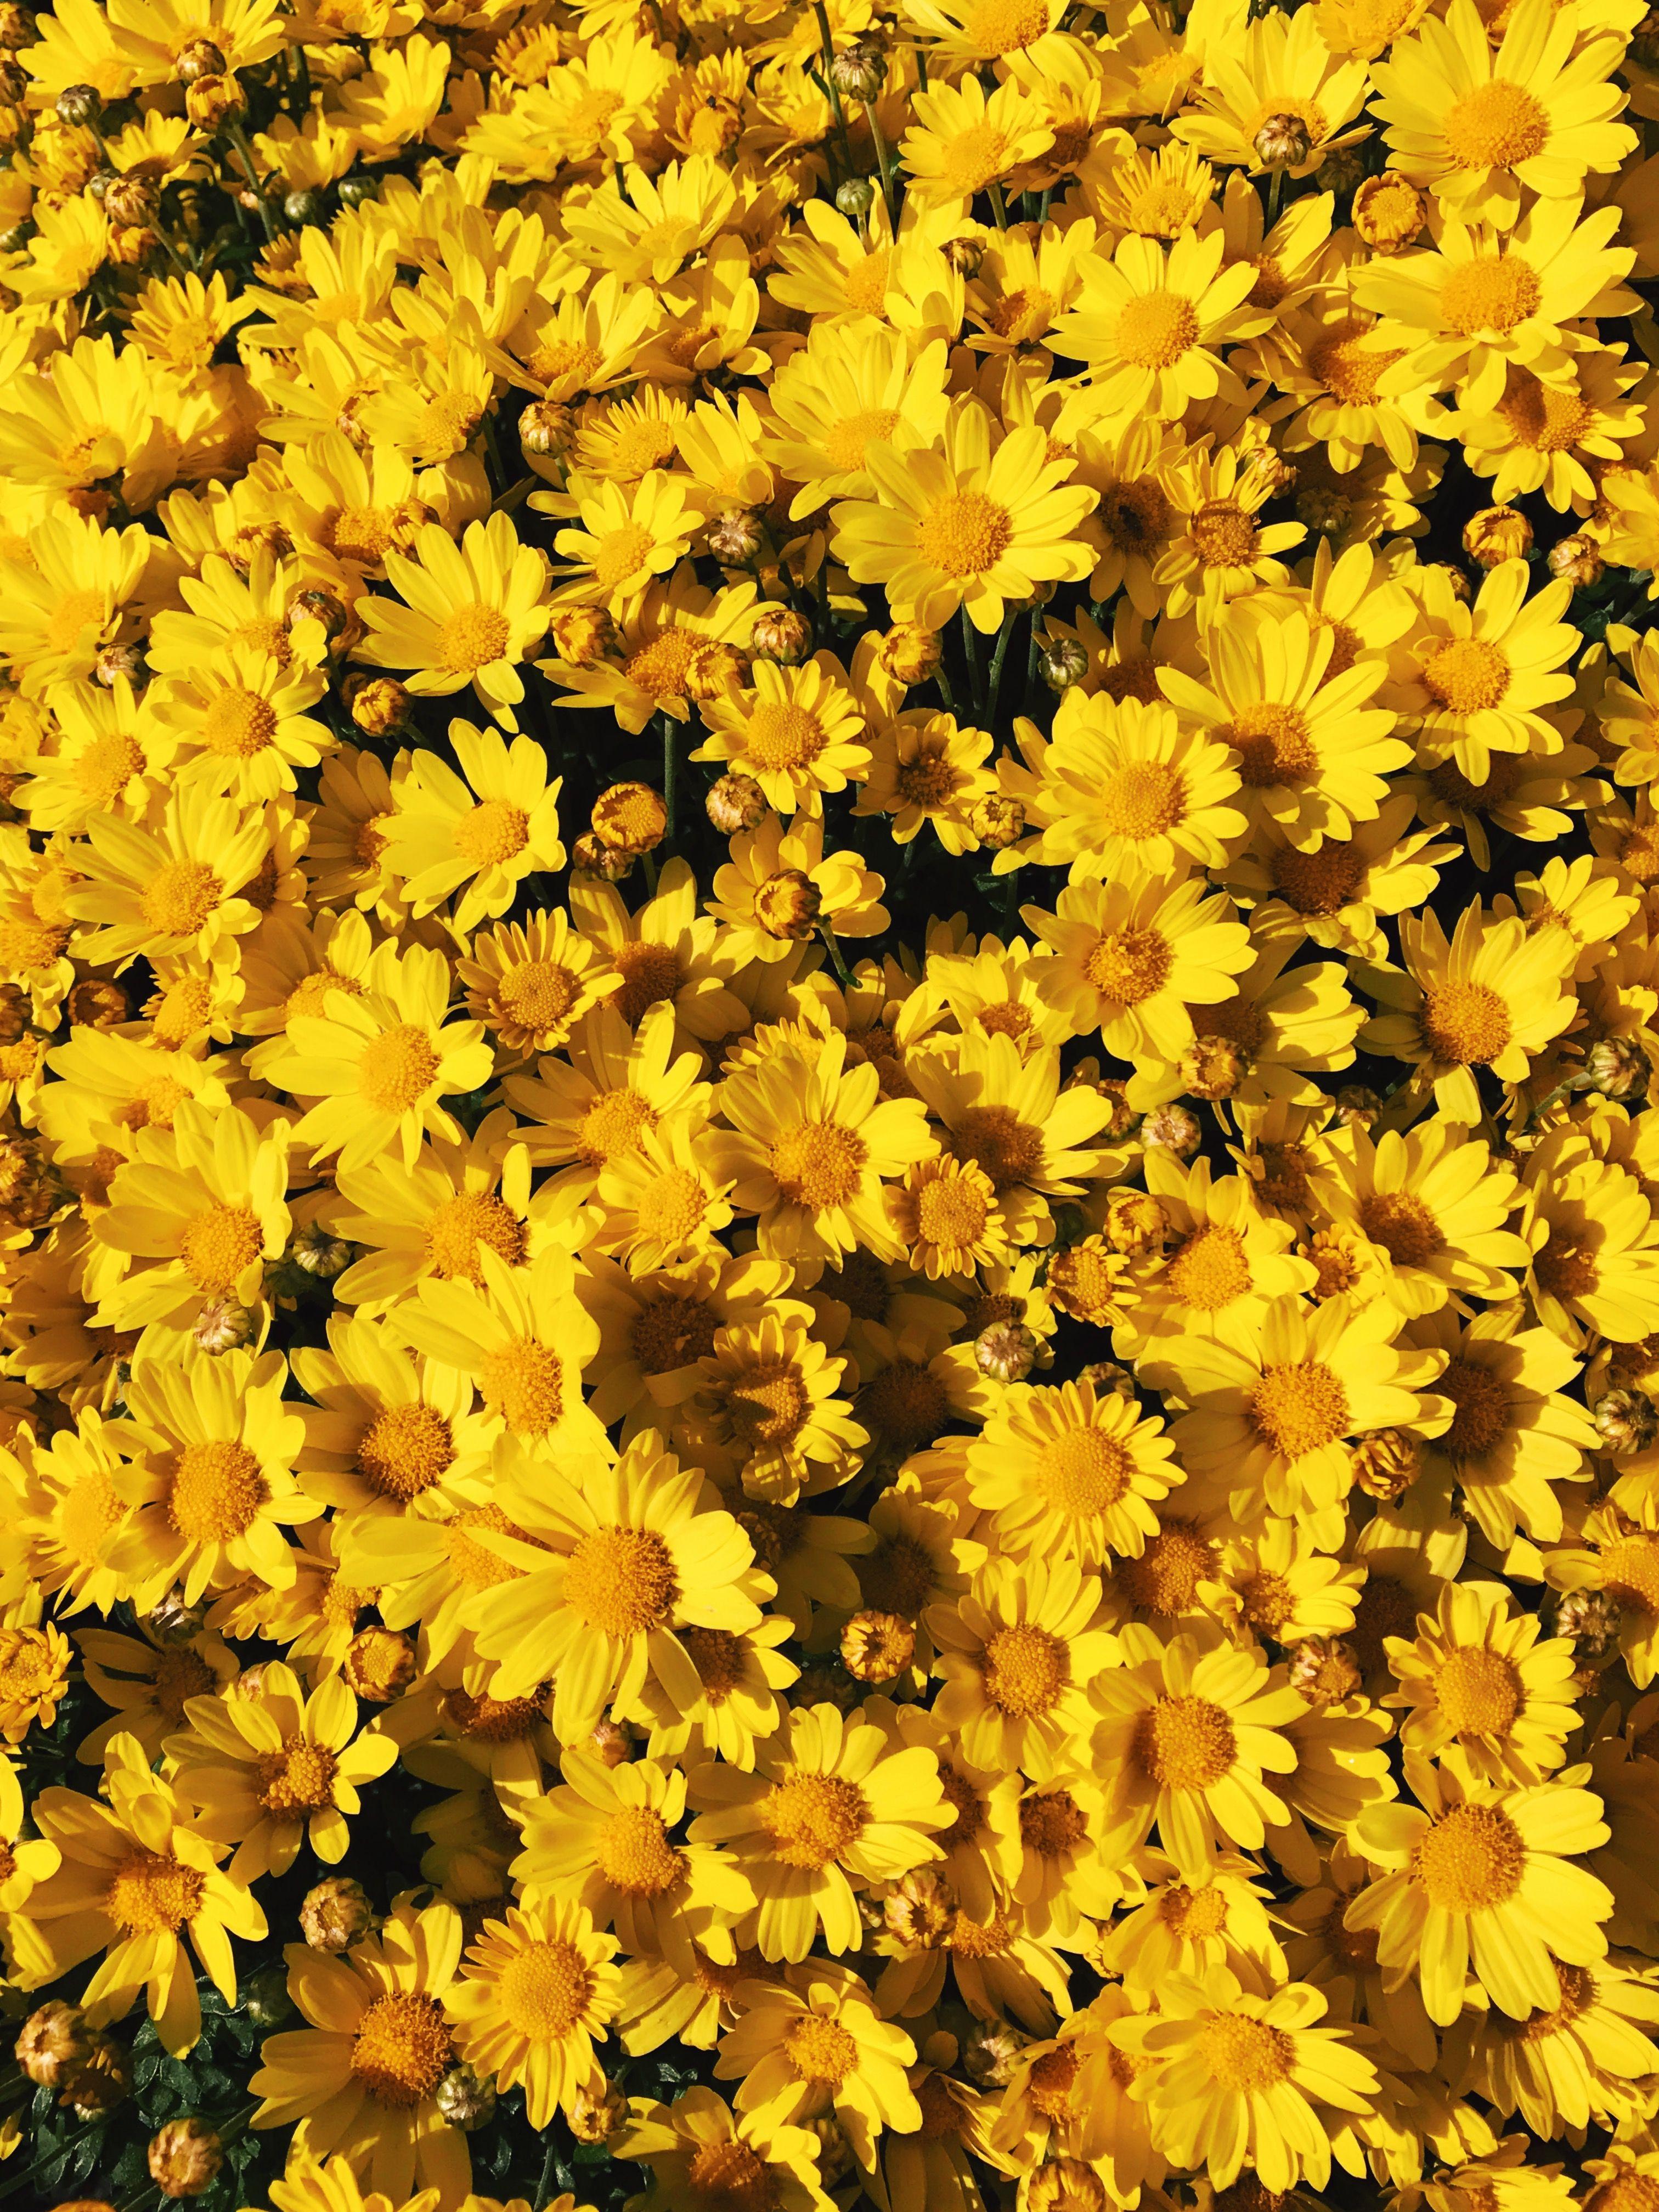 Yellow flowers yellow aesthetic yellowaesthetic